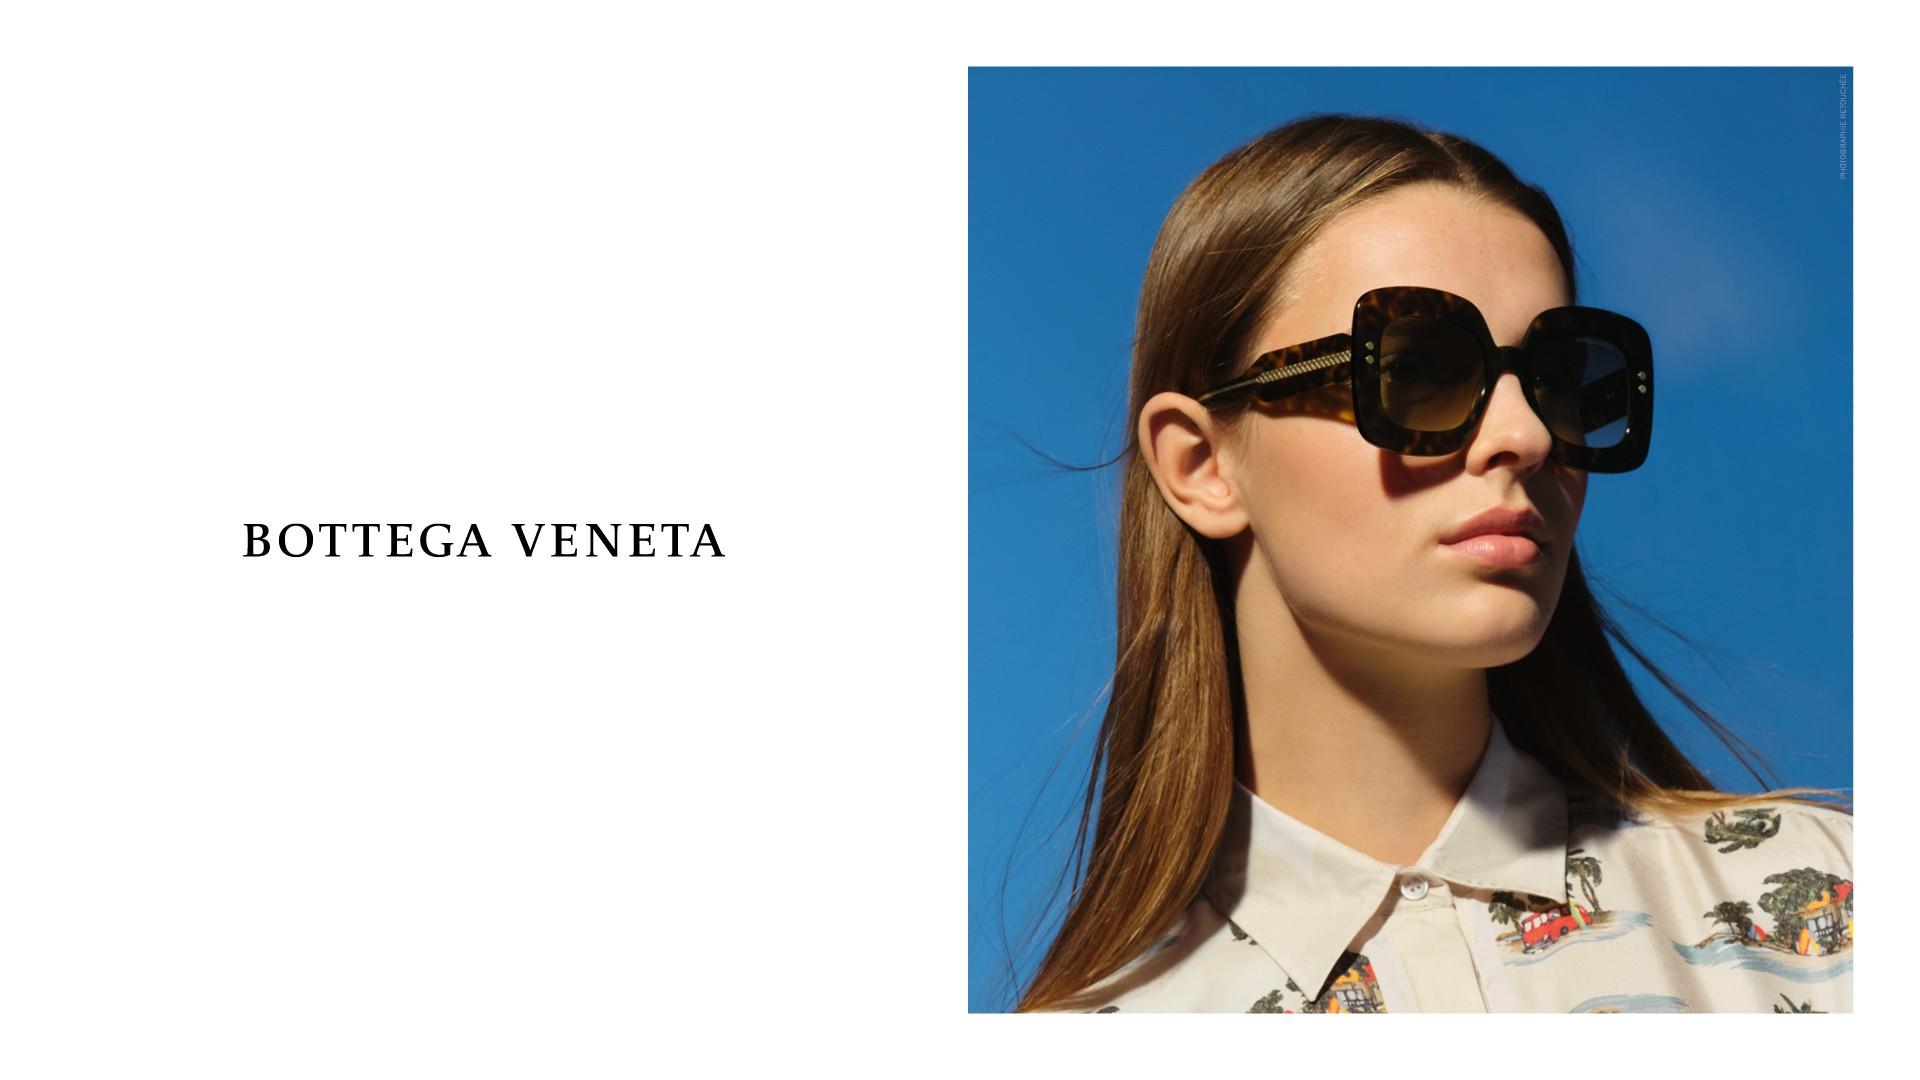 Aufnahme mit blauem Hintergrund von einem weiblichen Model mit braunen Haaren, das eine schwarze Sonnenbrille von Bottega Veneta trägt.